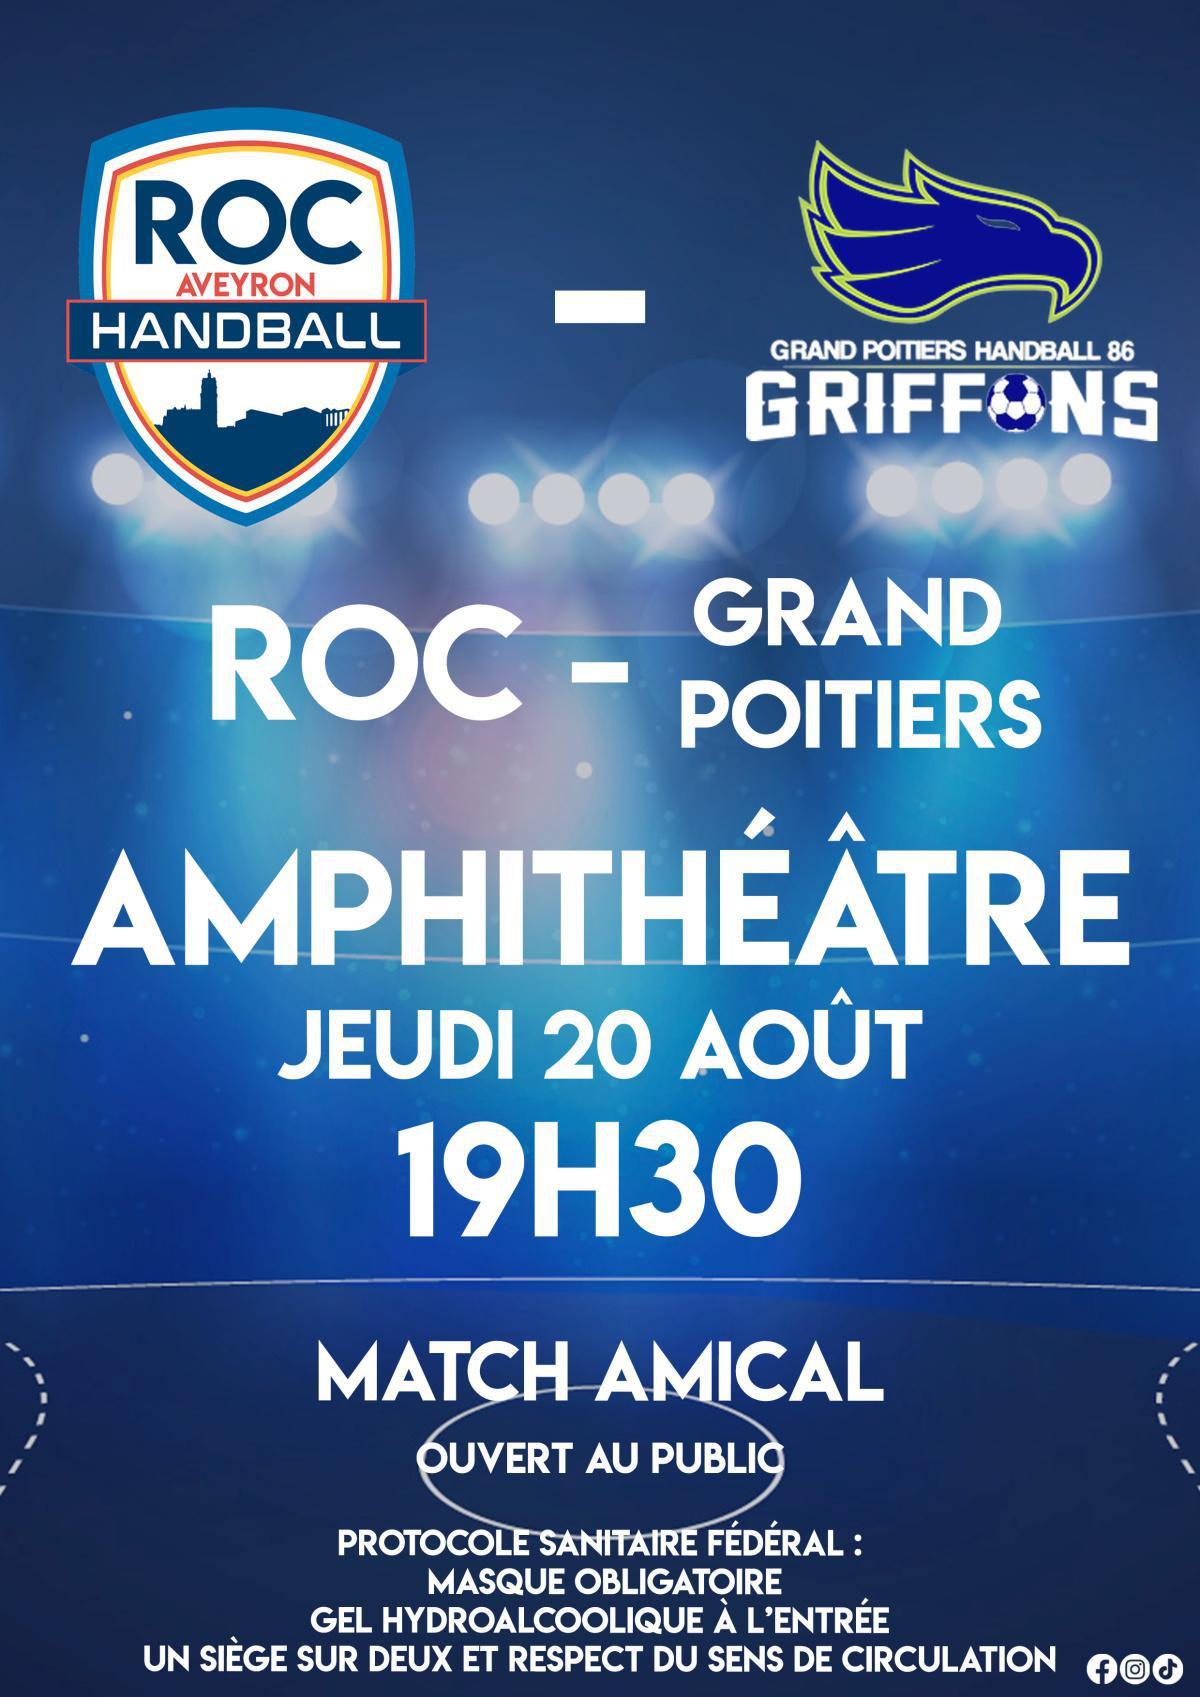 Match Amical du ROC !